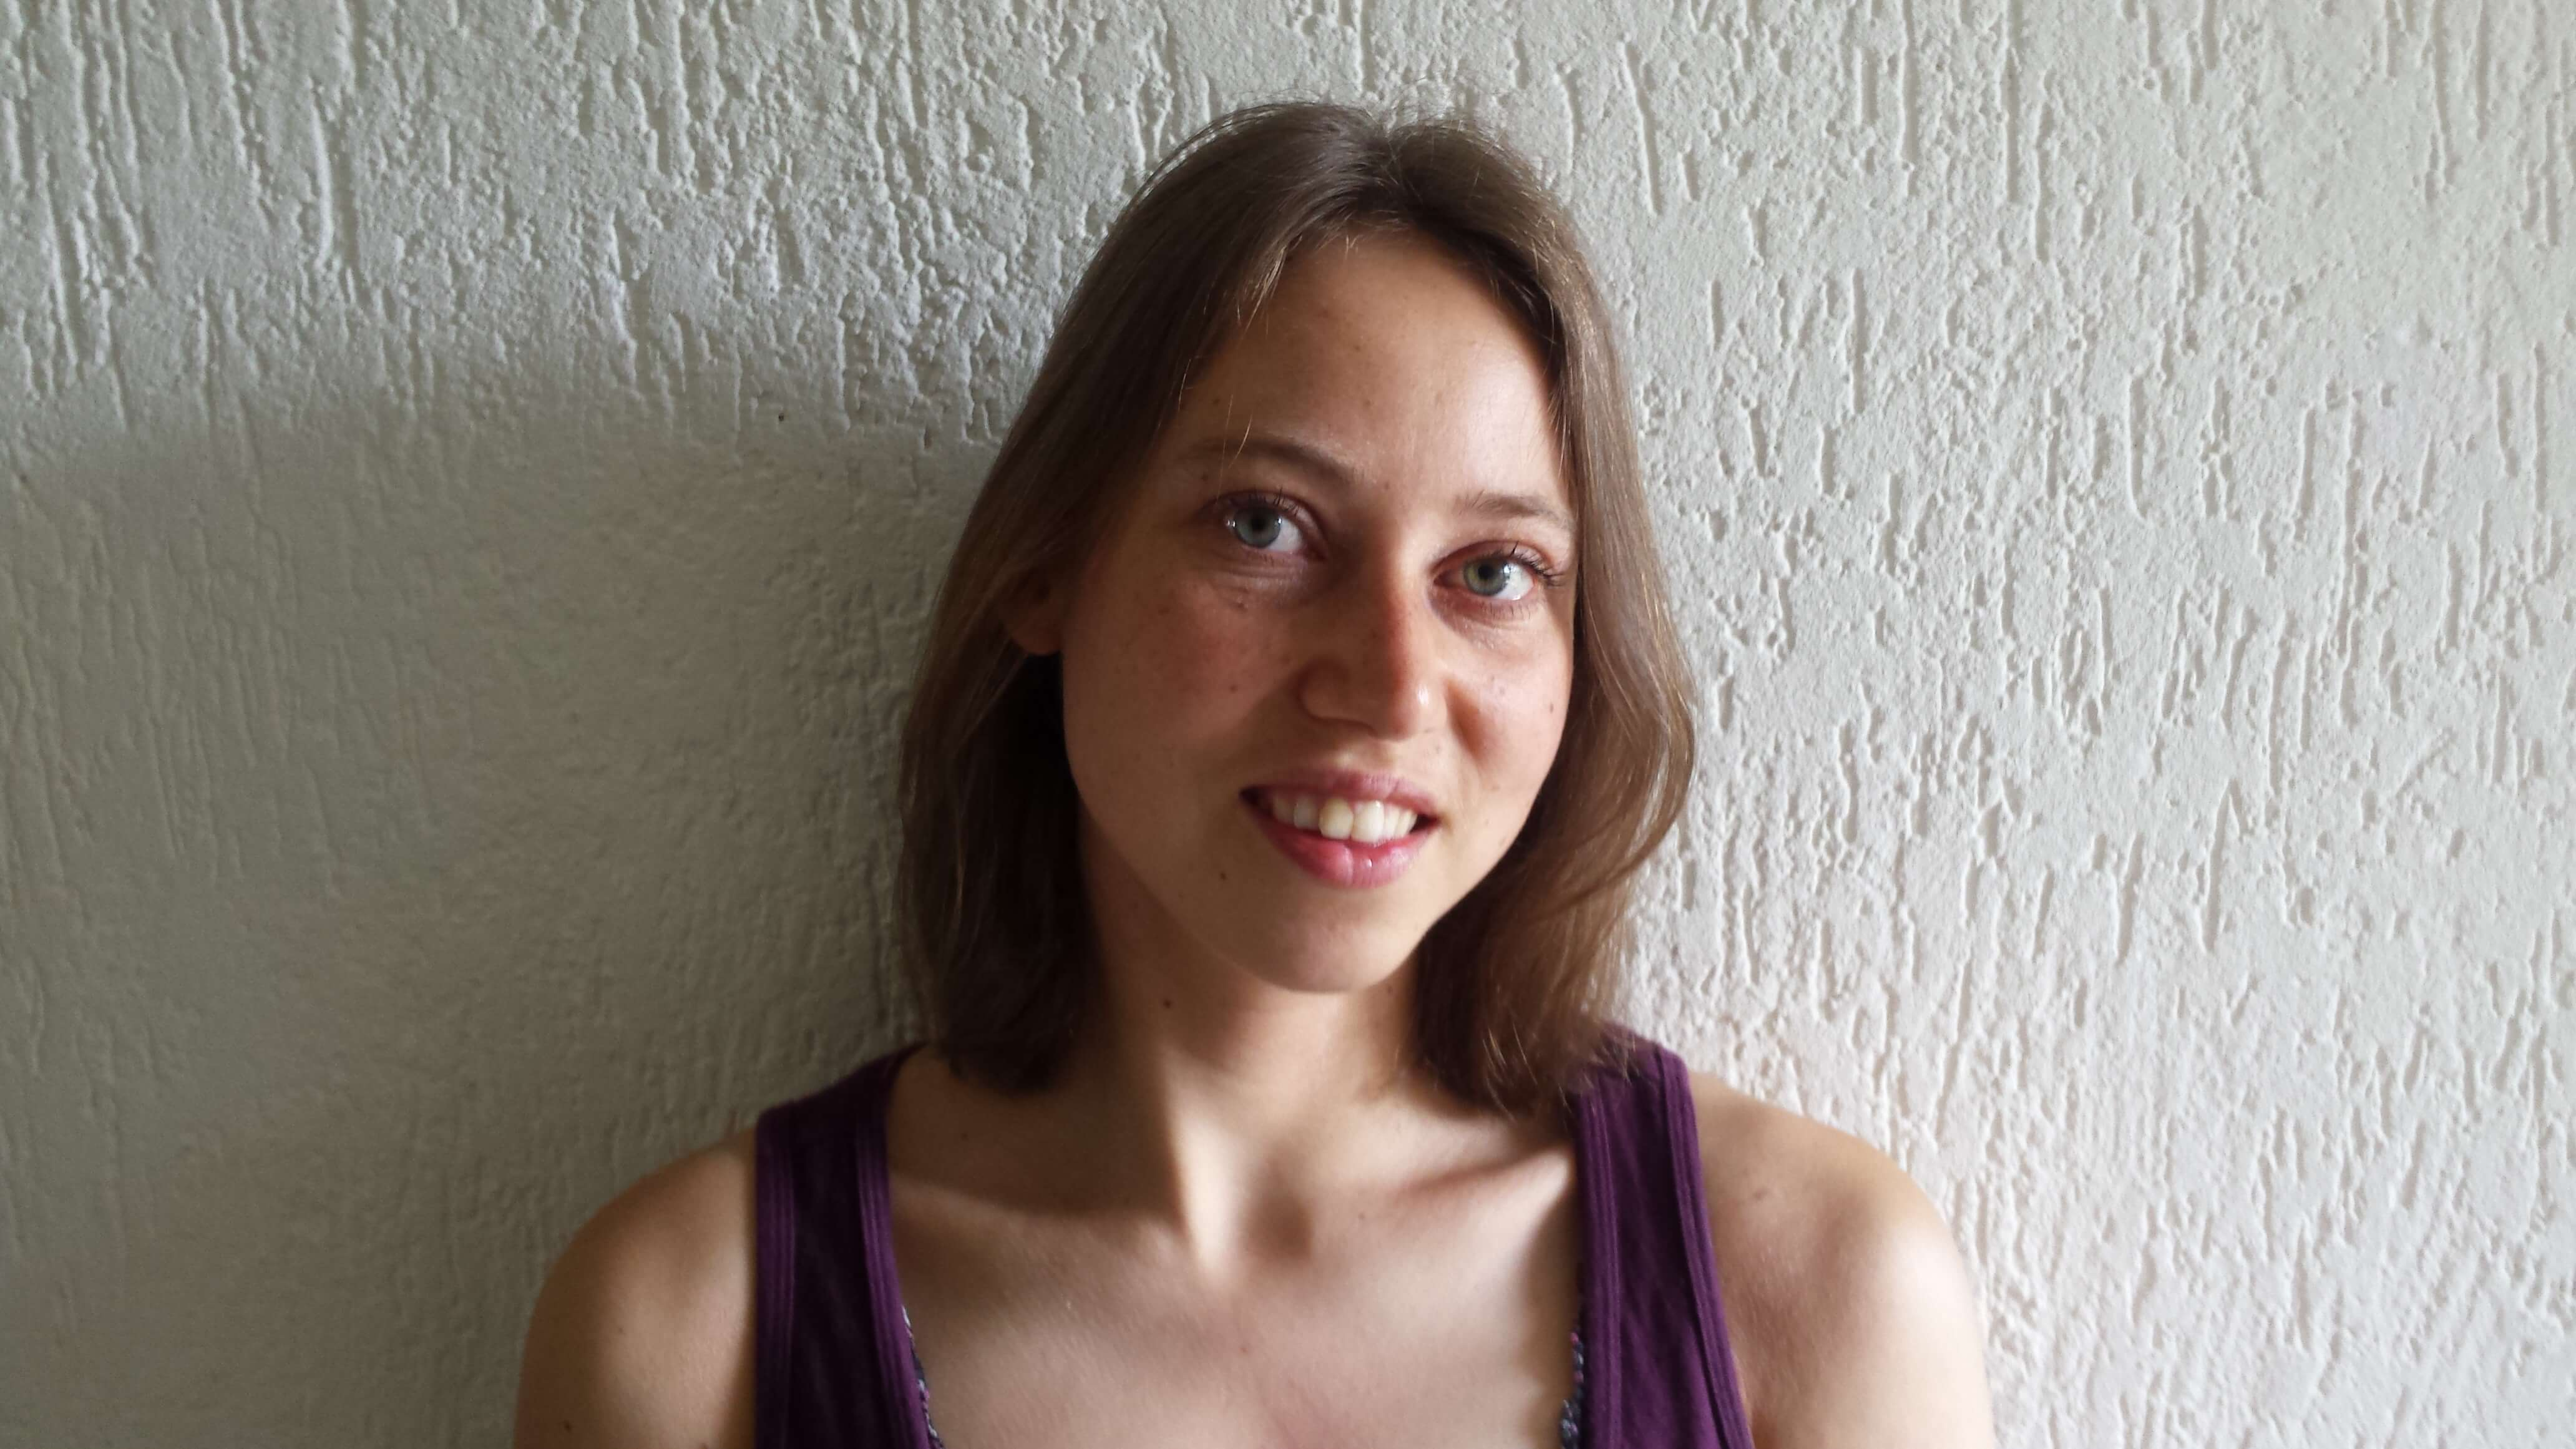 Juultje Kranen